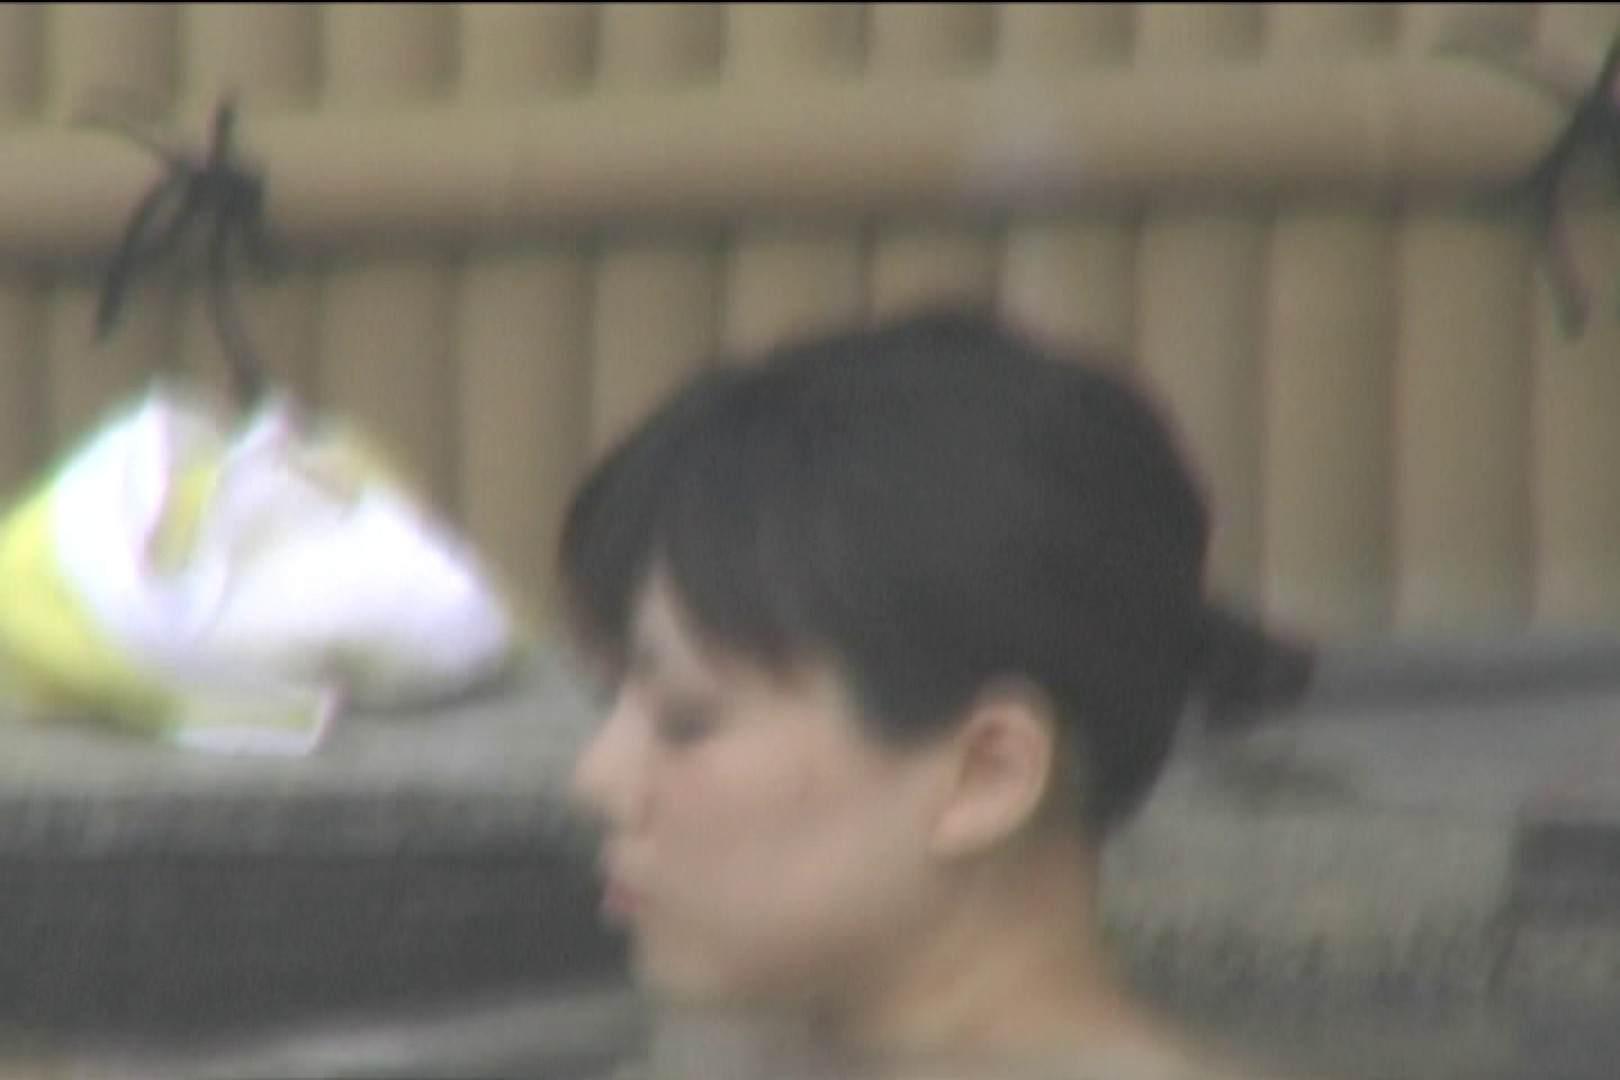 Aquaな露天風呂Vol.121 盗撮師作品 おめこ無修正画像 105pic 32